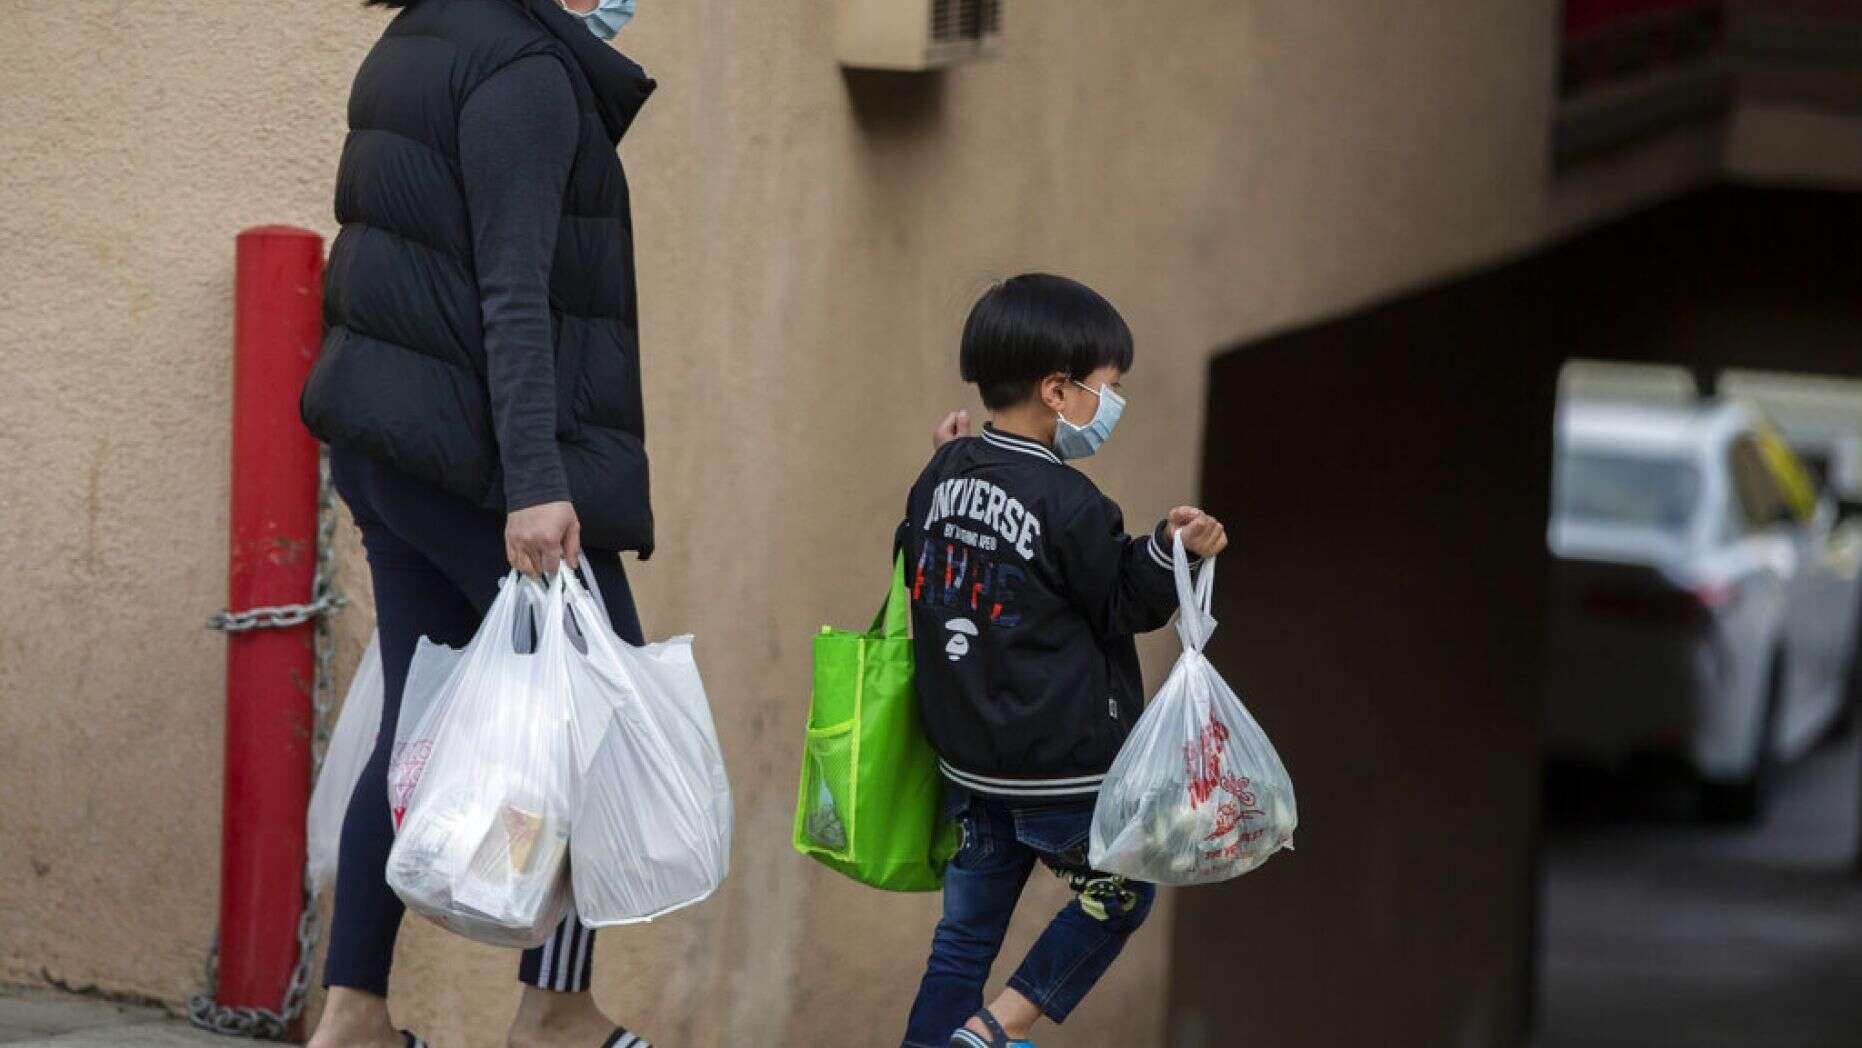 搜狐医药|美国CDC:2%新冠肺炎患者为儿童,但重症较少